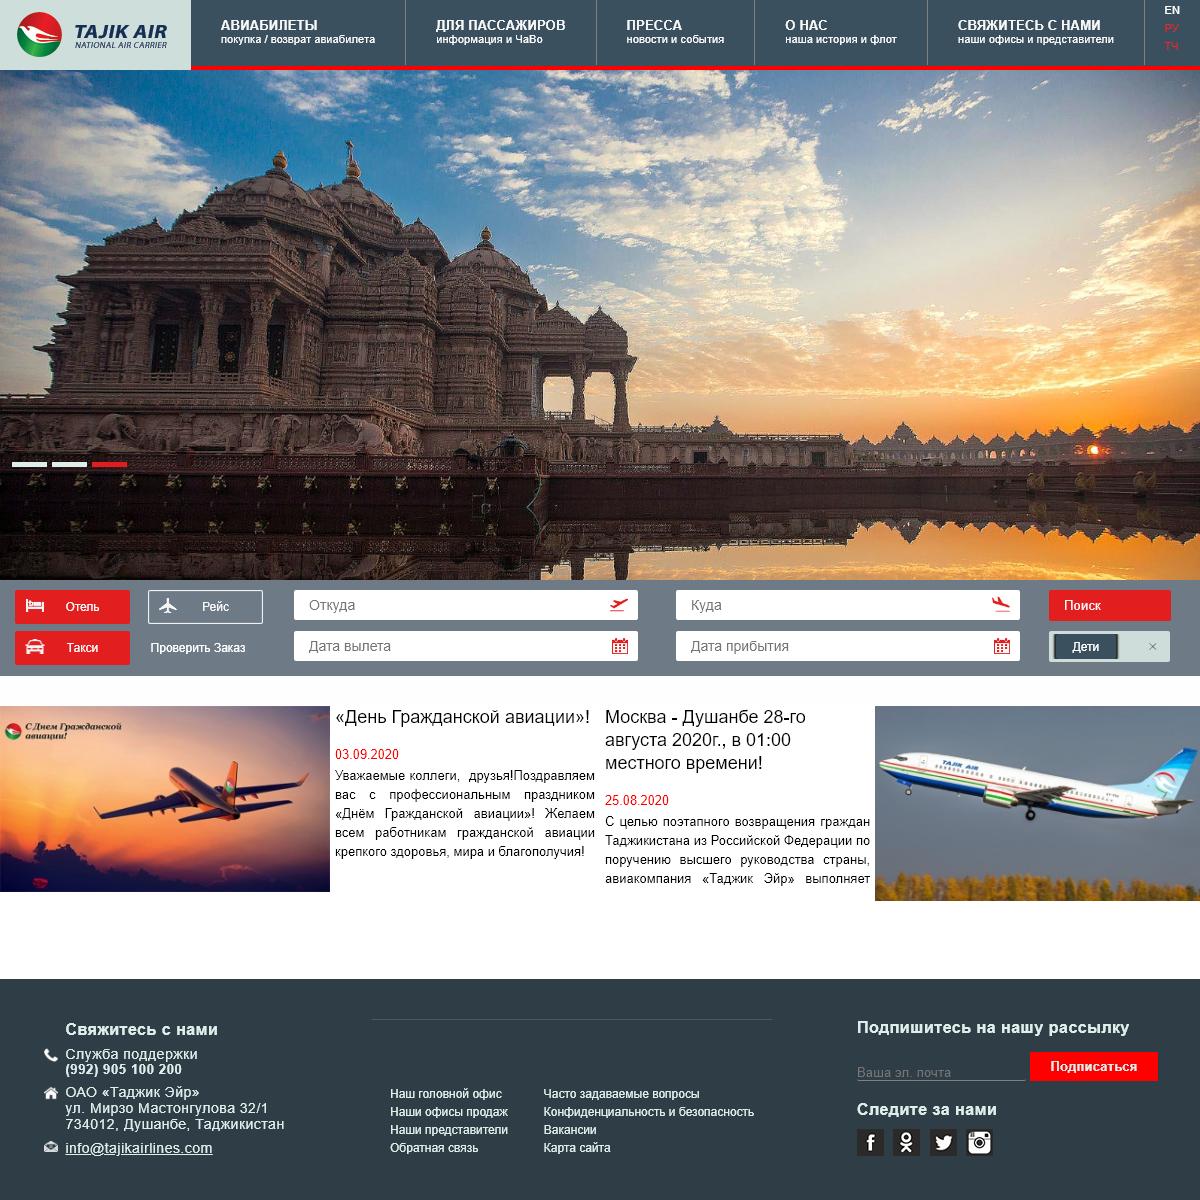 Авиакомпания Таджик Эйр- купить авиабилеты на самолет онлайн, брониро